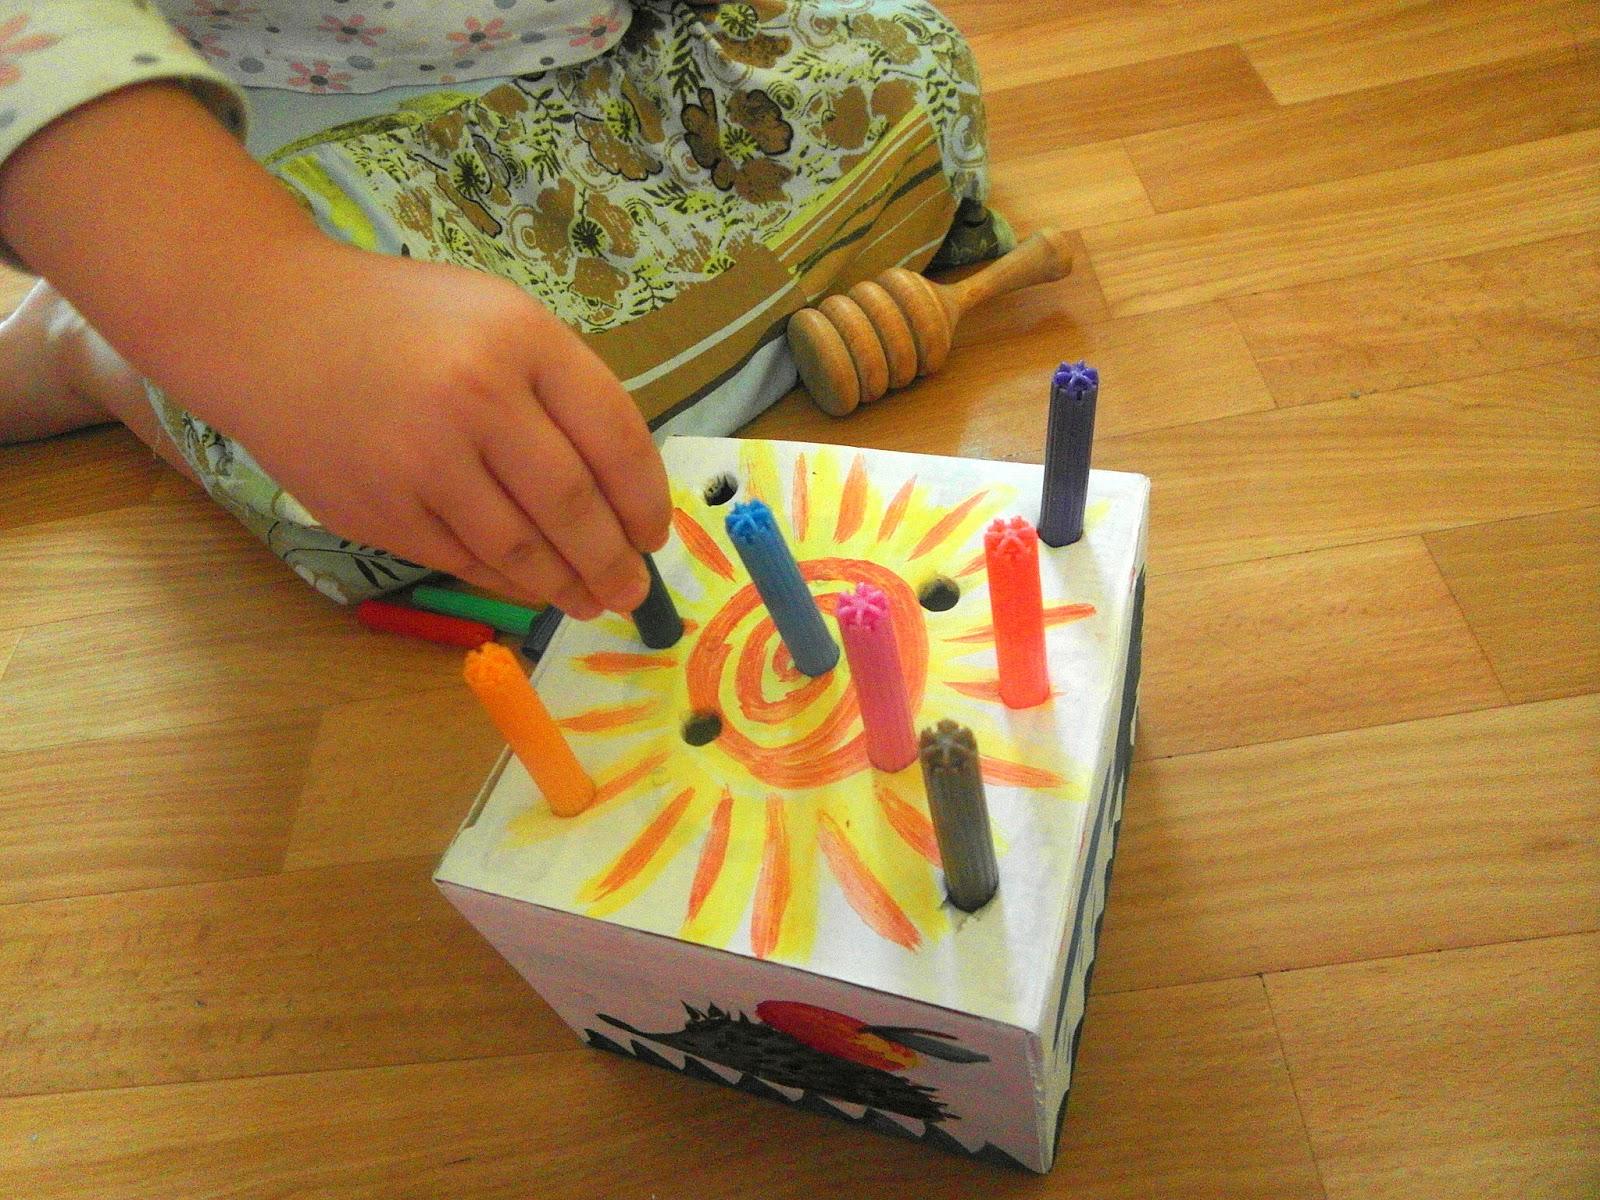 Детские поделки своими руками: лучшие идеи с пошаговыми фото 75